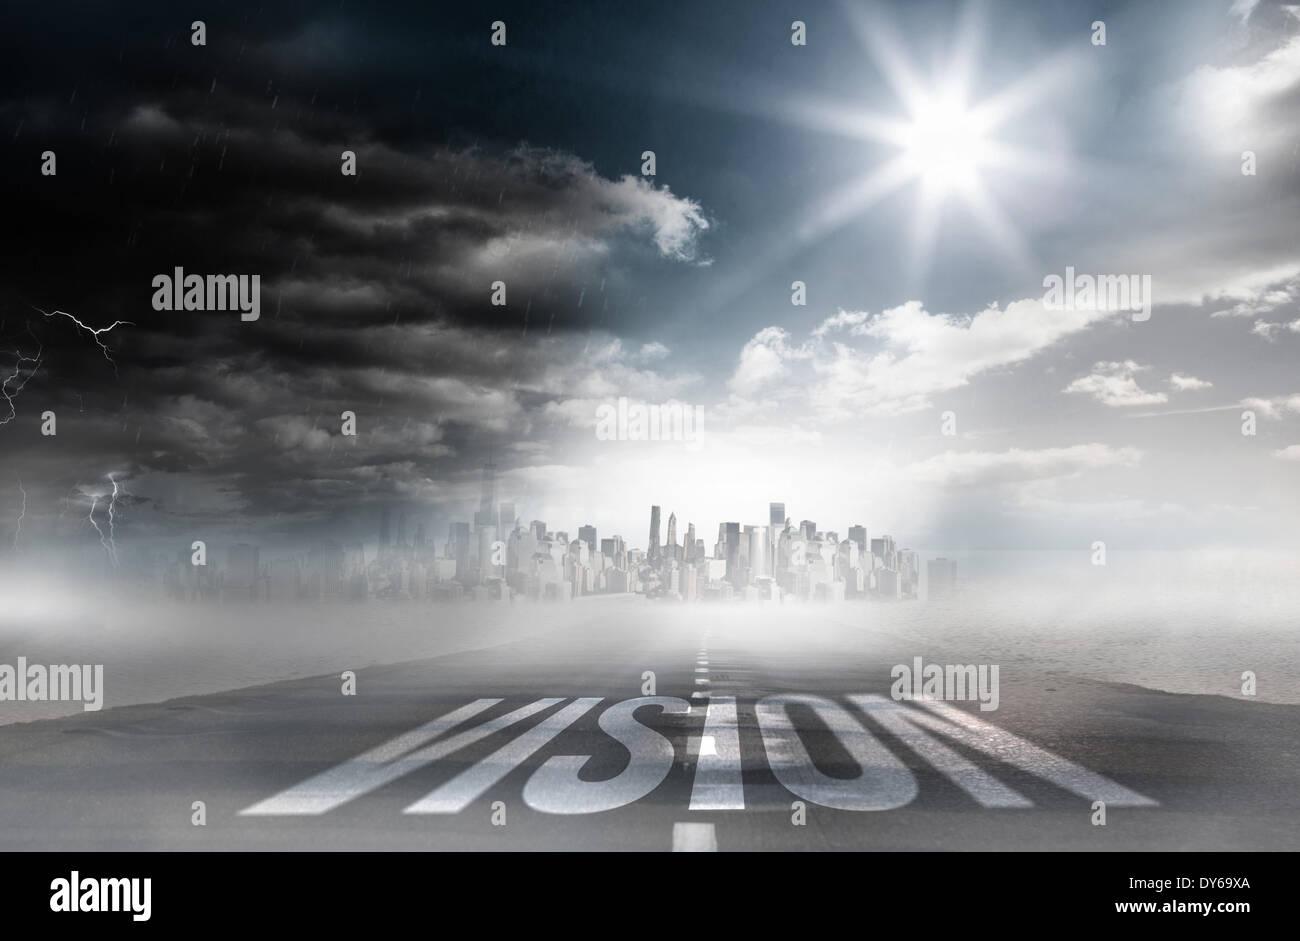 Vision gegen Landstraße Stockbild